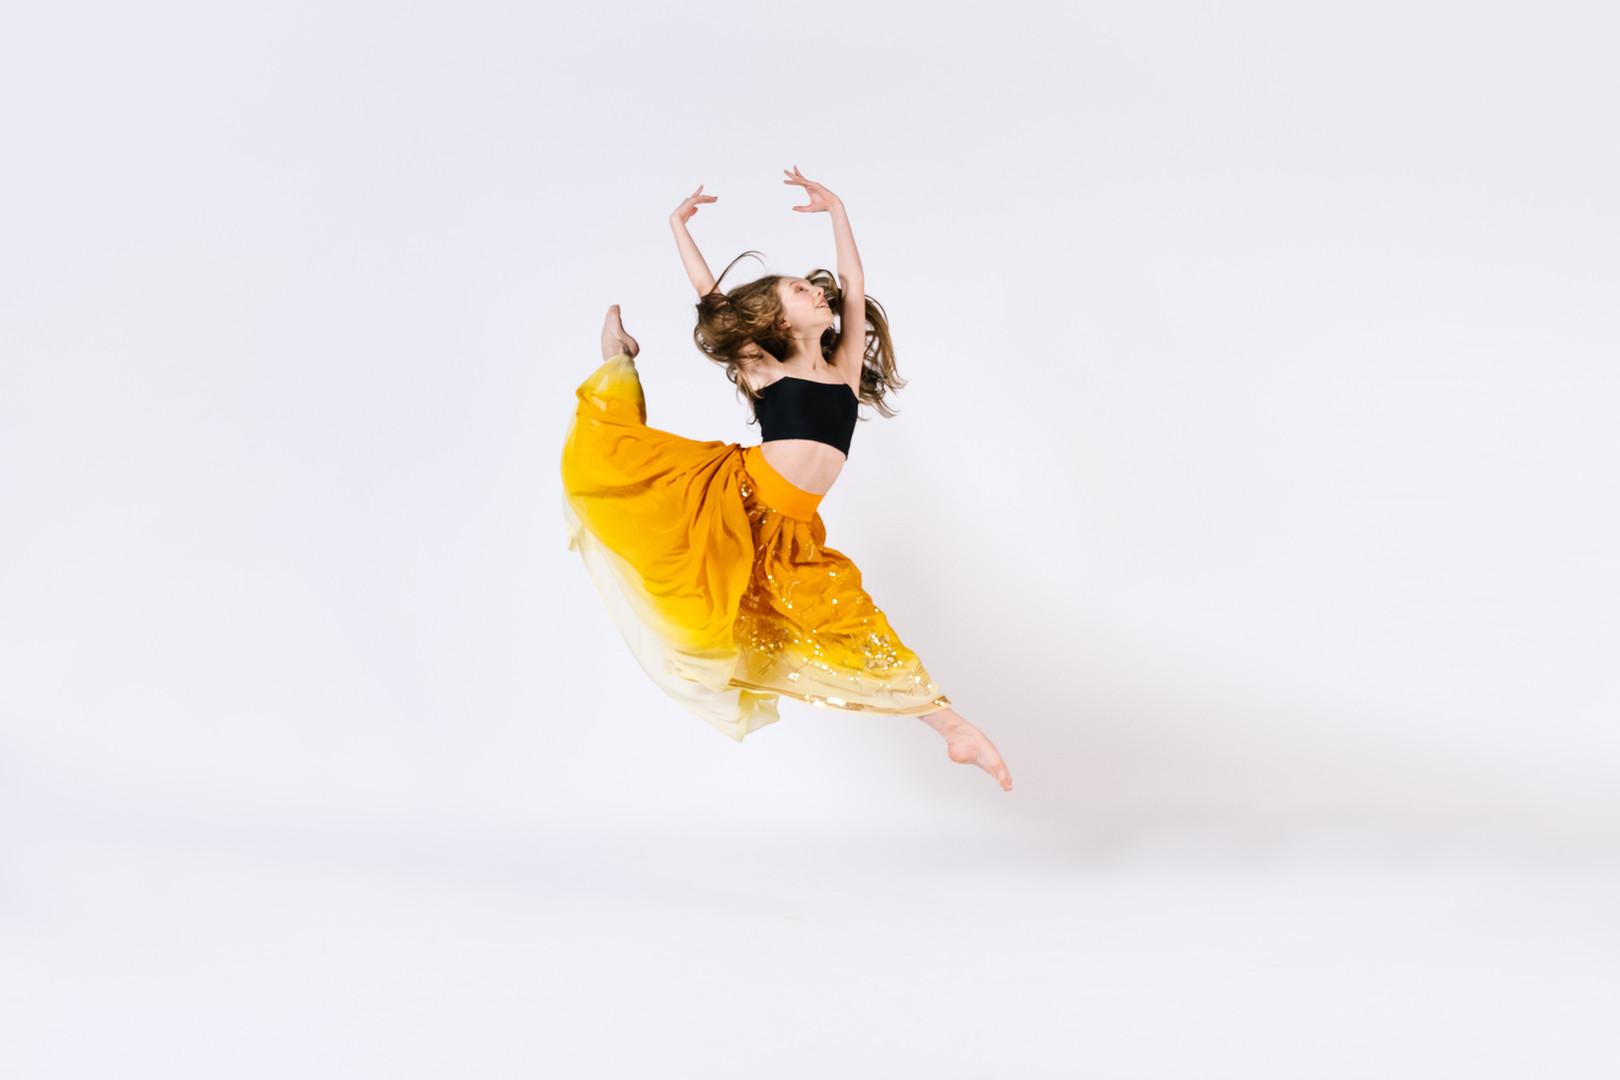 manchester-dance-photographer-13.jpg